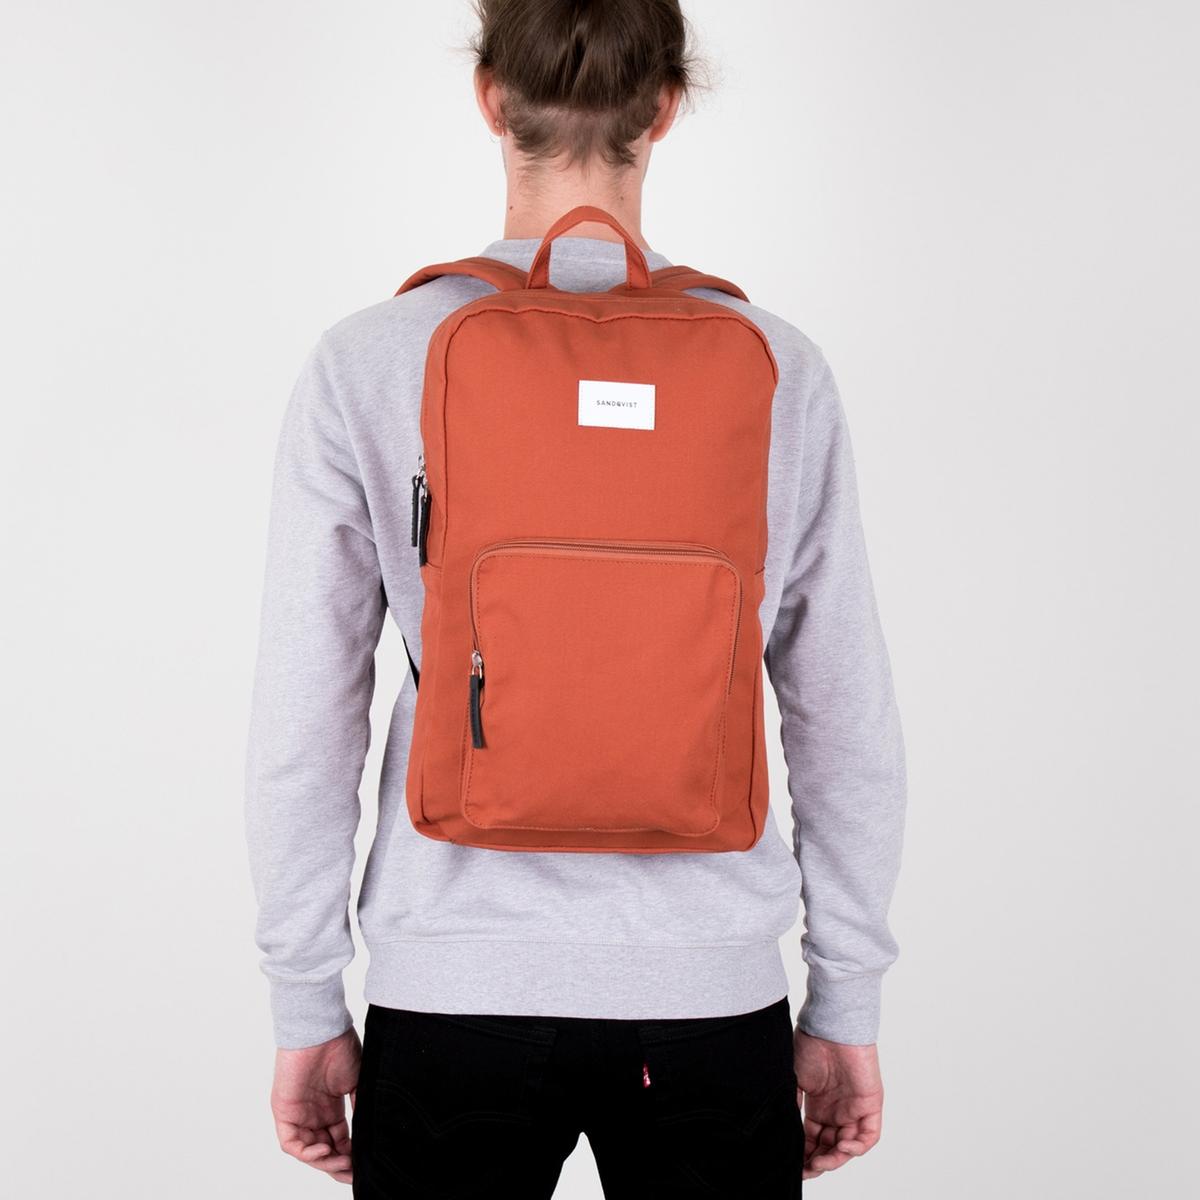 Рюкзак La Redoute Для ноутбука на молнии дюймов KIM единый размер оранжевый ботильоны la redoute кожаные на молнии размеры 26 каштановый